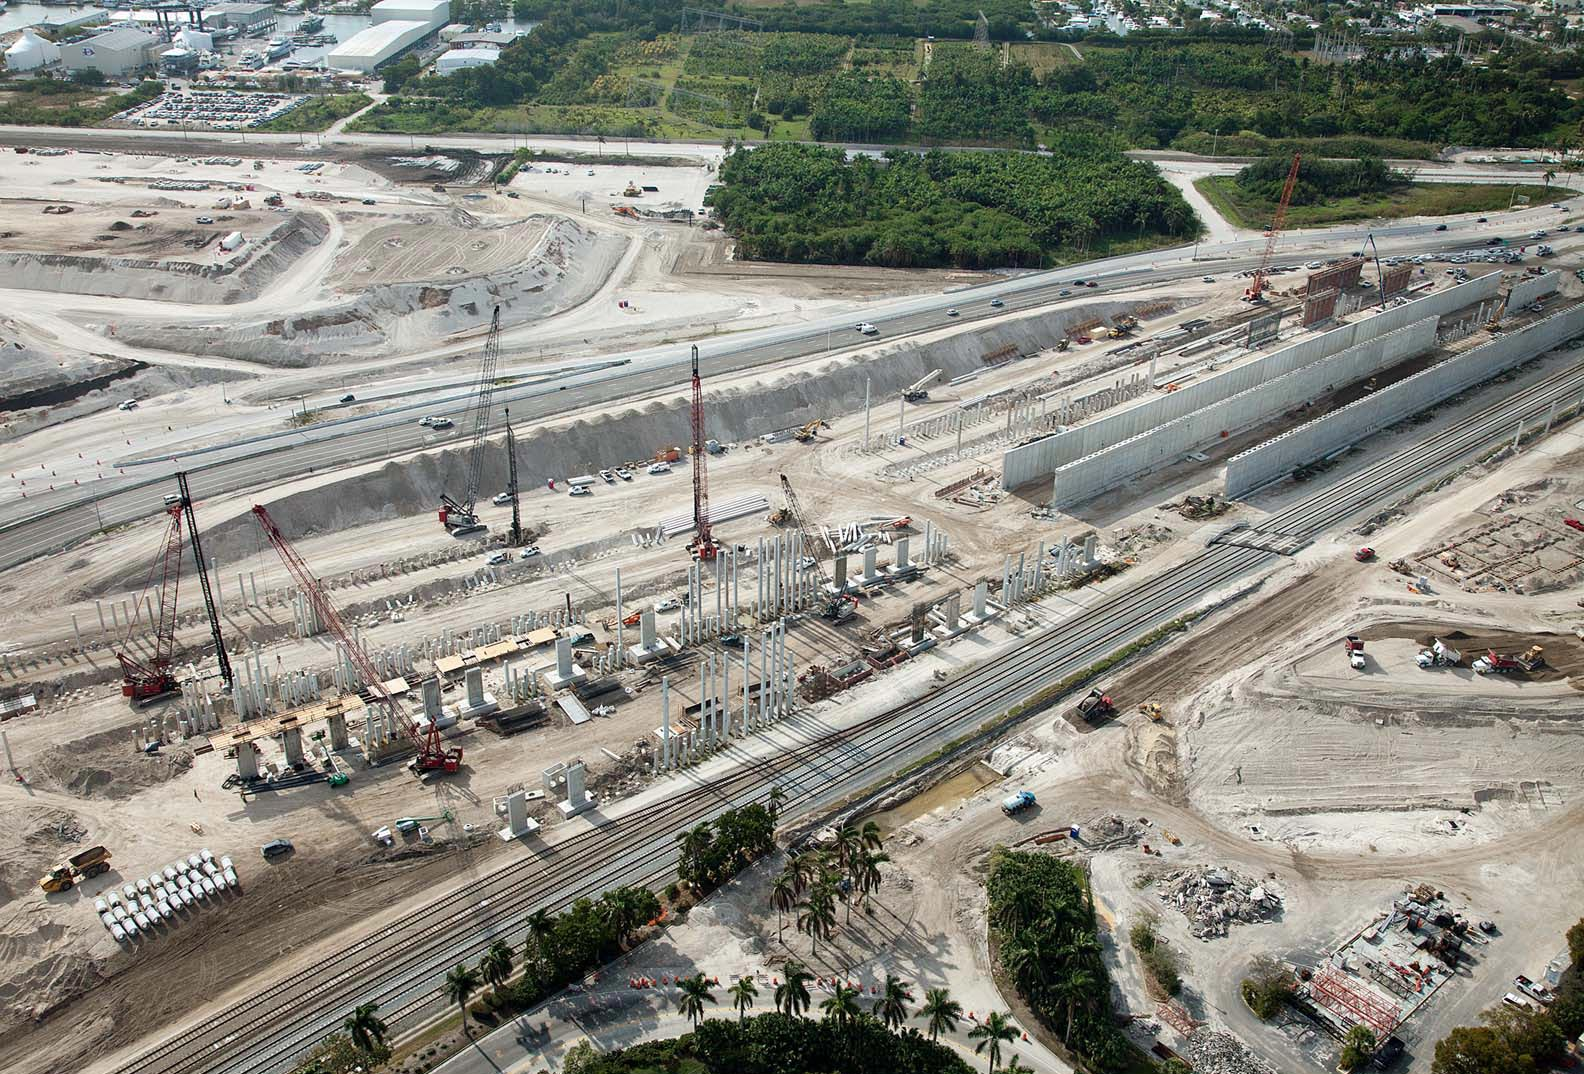 Ft. Lauderdale Airport Runway